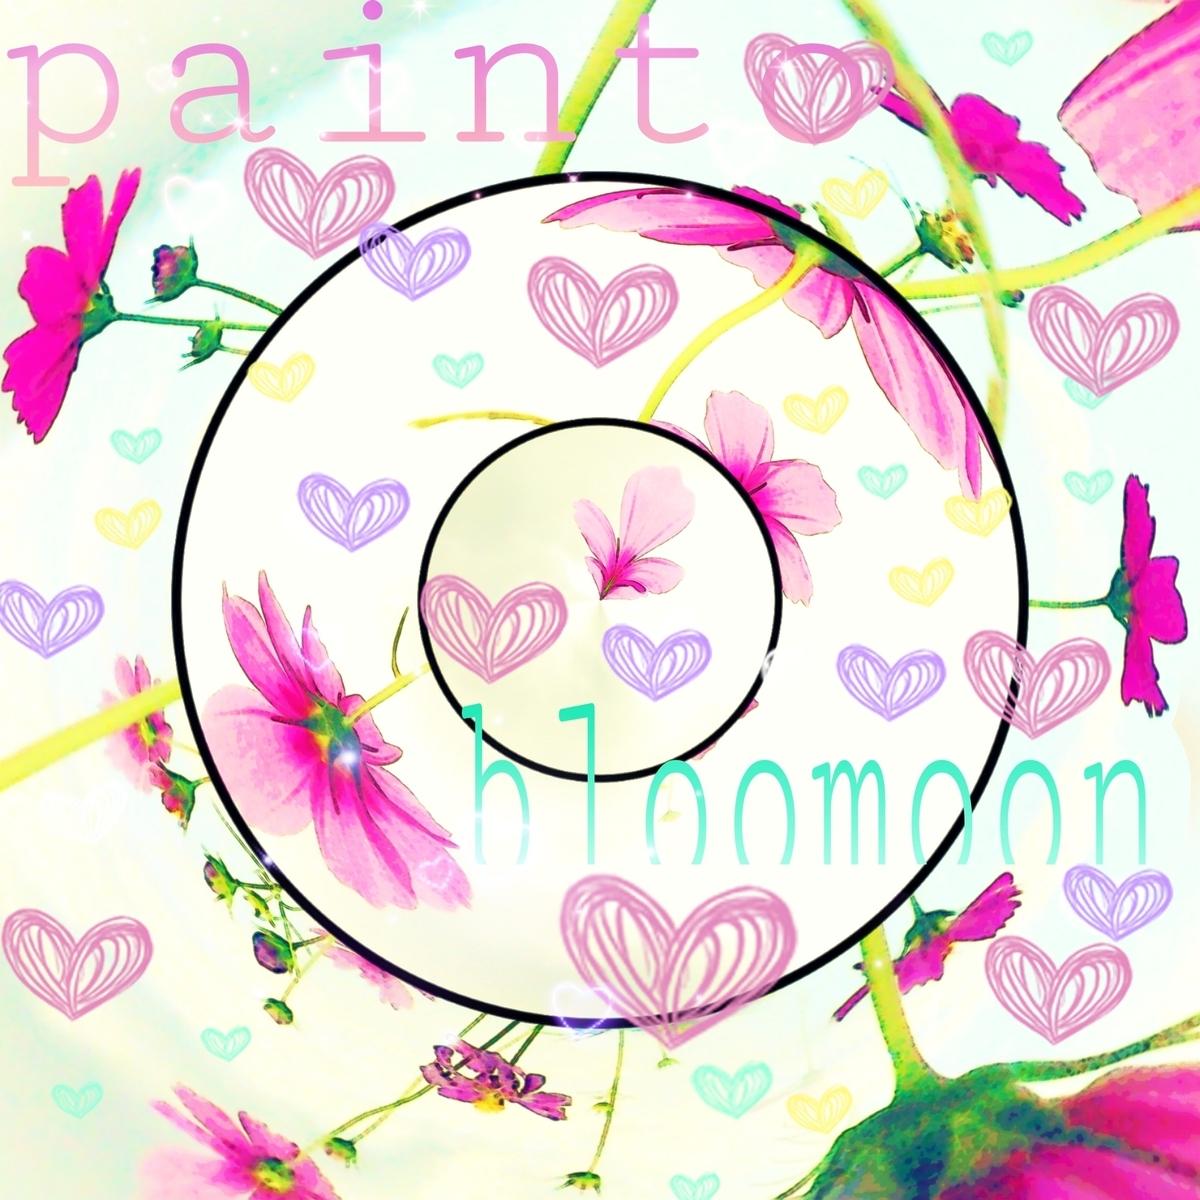 f:id:pastell:20210325175718j:plain